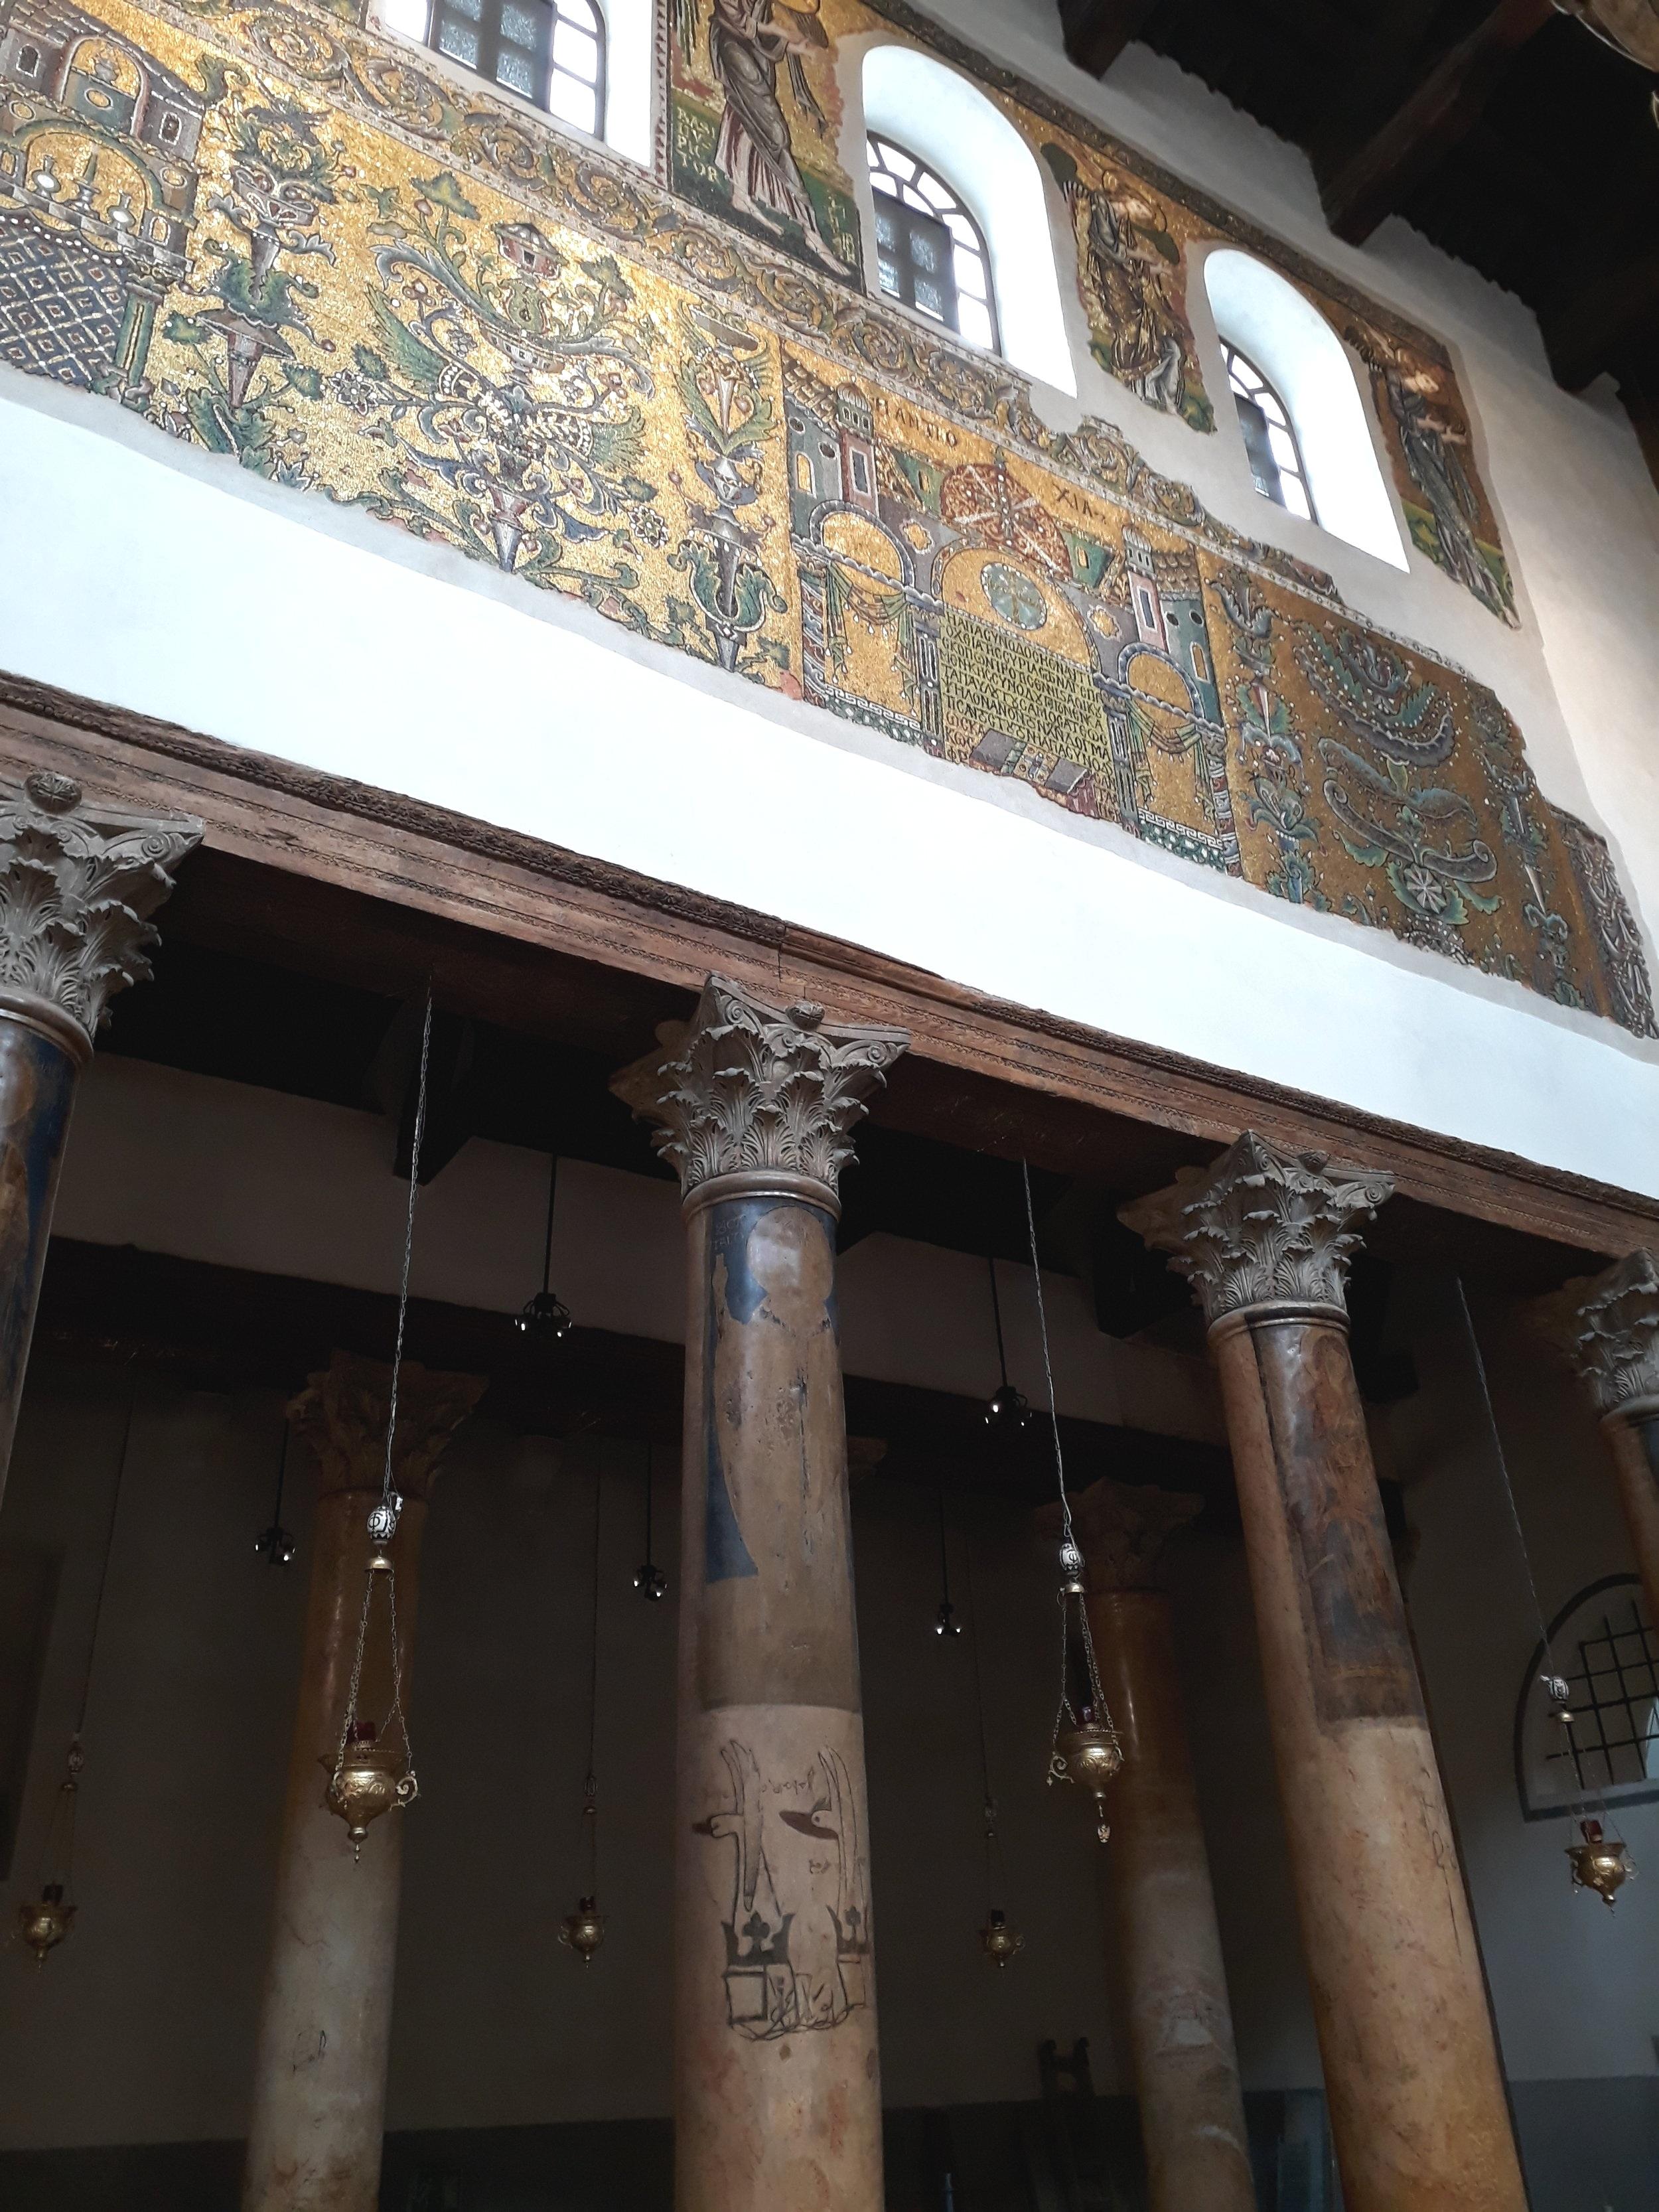 inside the church of the nativity bethlehem palestine